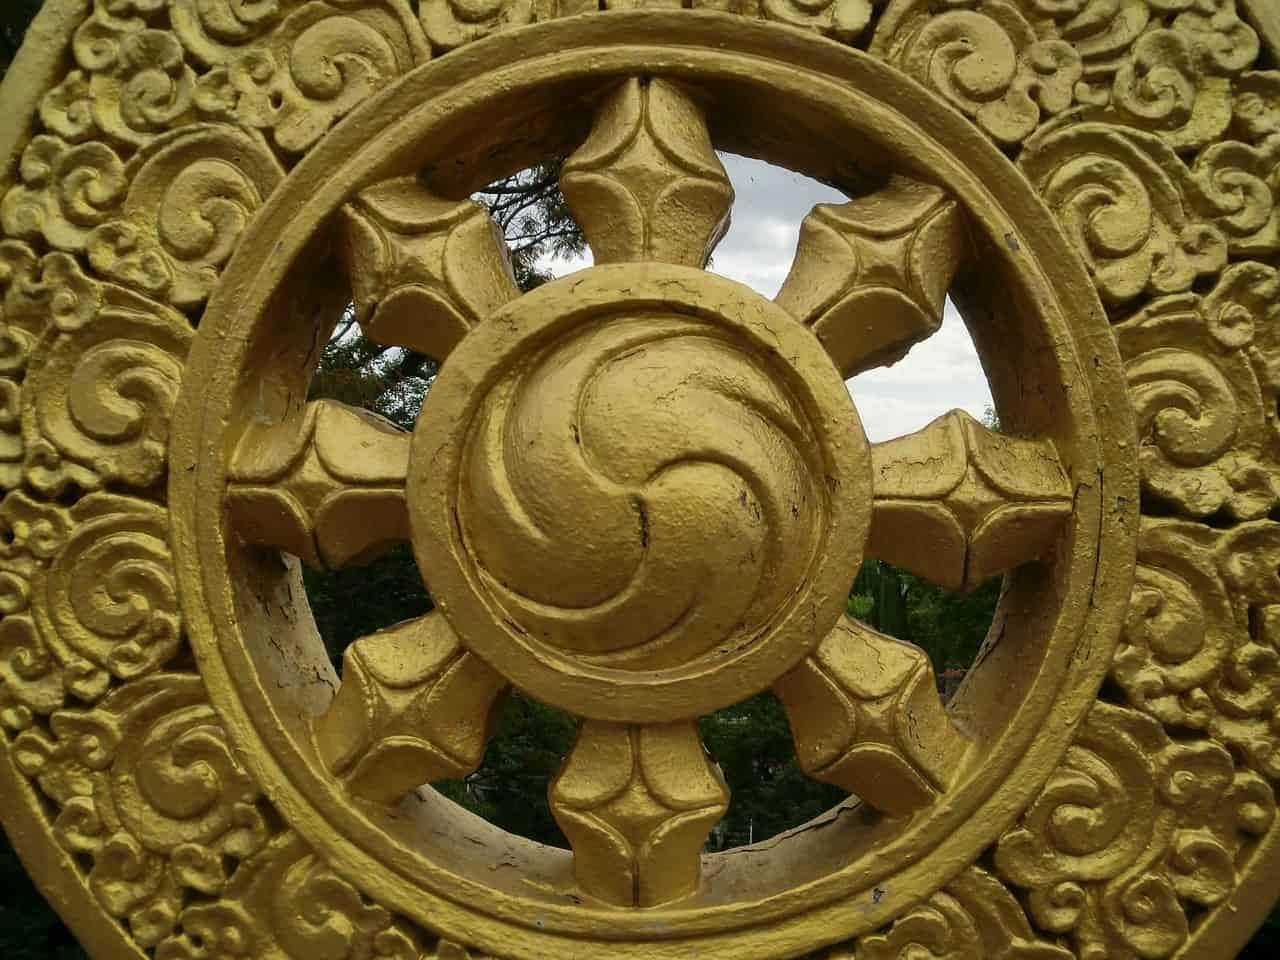 Nabe eines Dharma-Rad